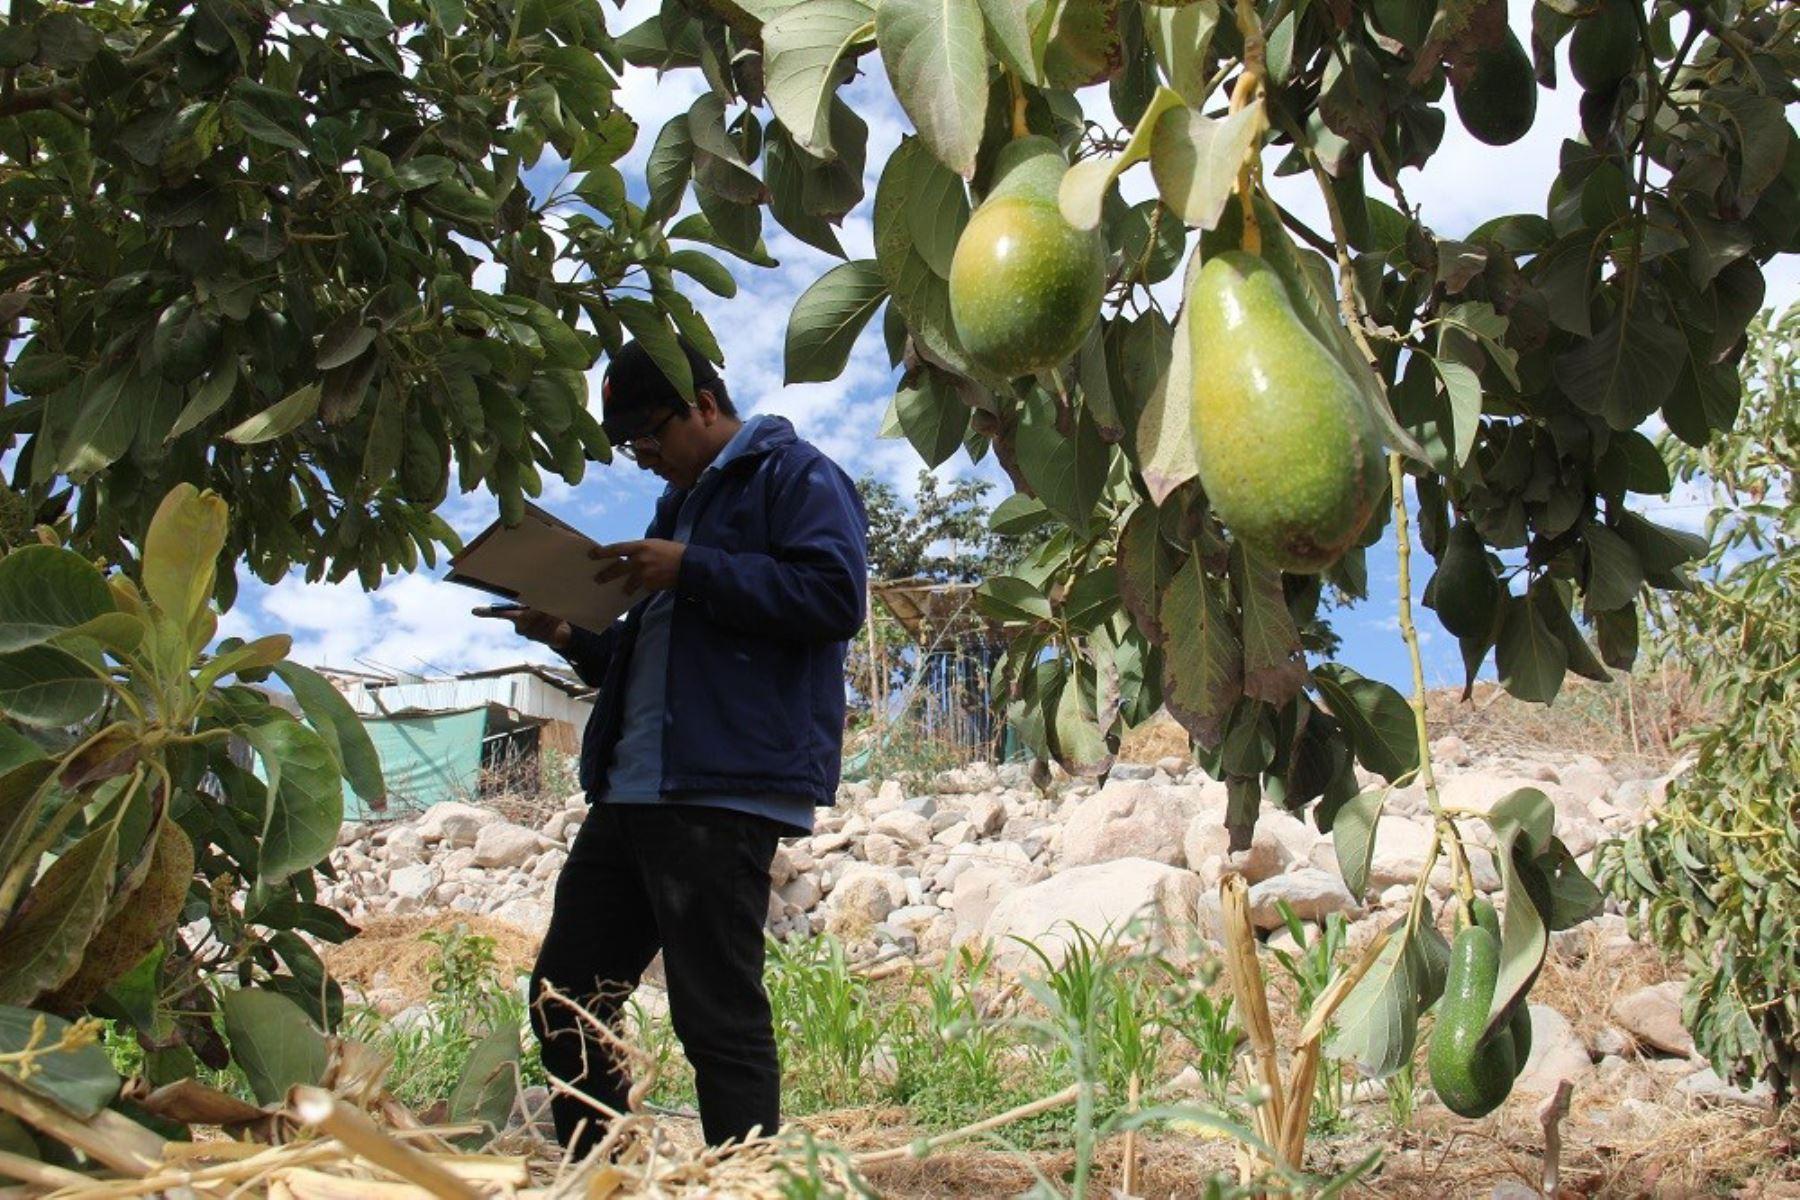 El Instituto Nacional de Investigación y Capacitación de Telecomunicaciones de la Universidad Nacional de Ingeniería (Inictel-UNI) desarrolló un sistema que monitorea las variables que influyen en la producción de palta tipo Hass en la región Moquegua y detecta plagas u otros problemas que afectan a este cultivo peruano de exportación.